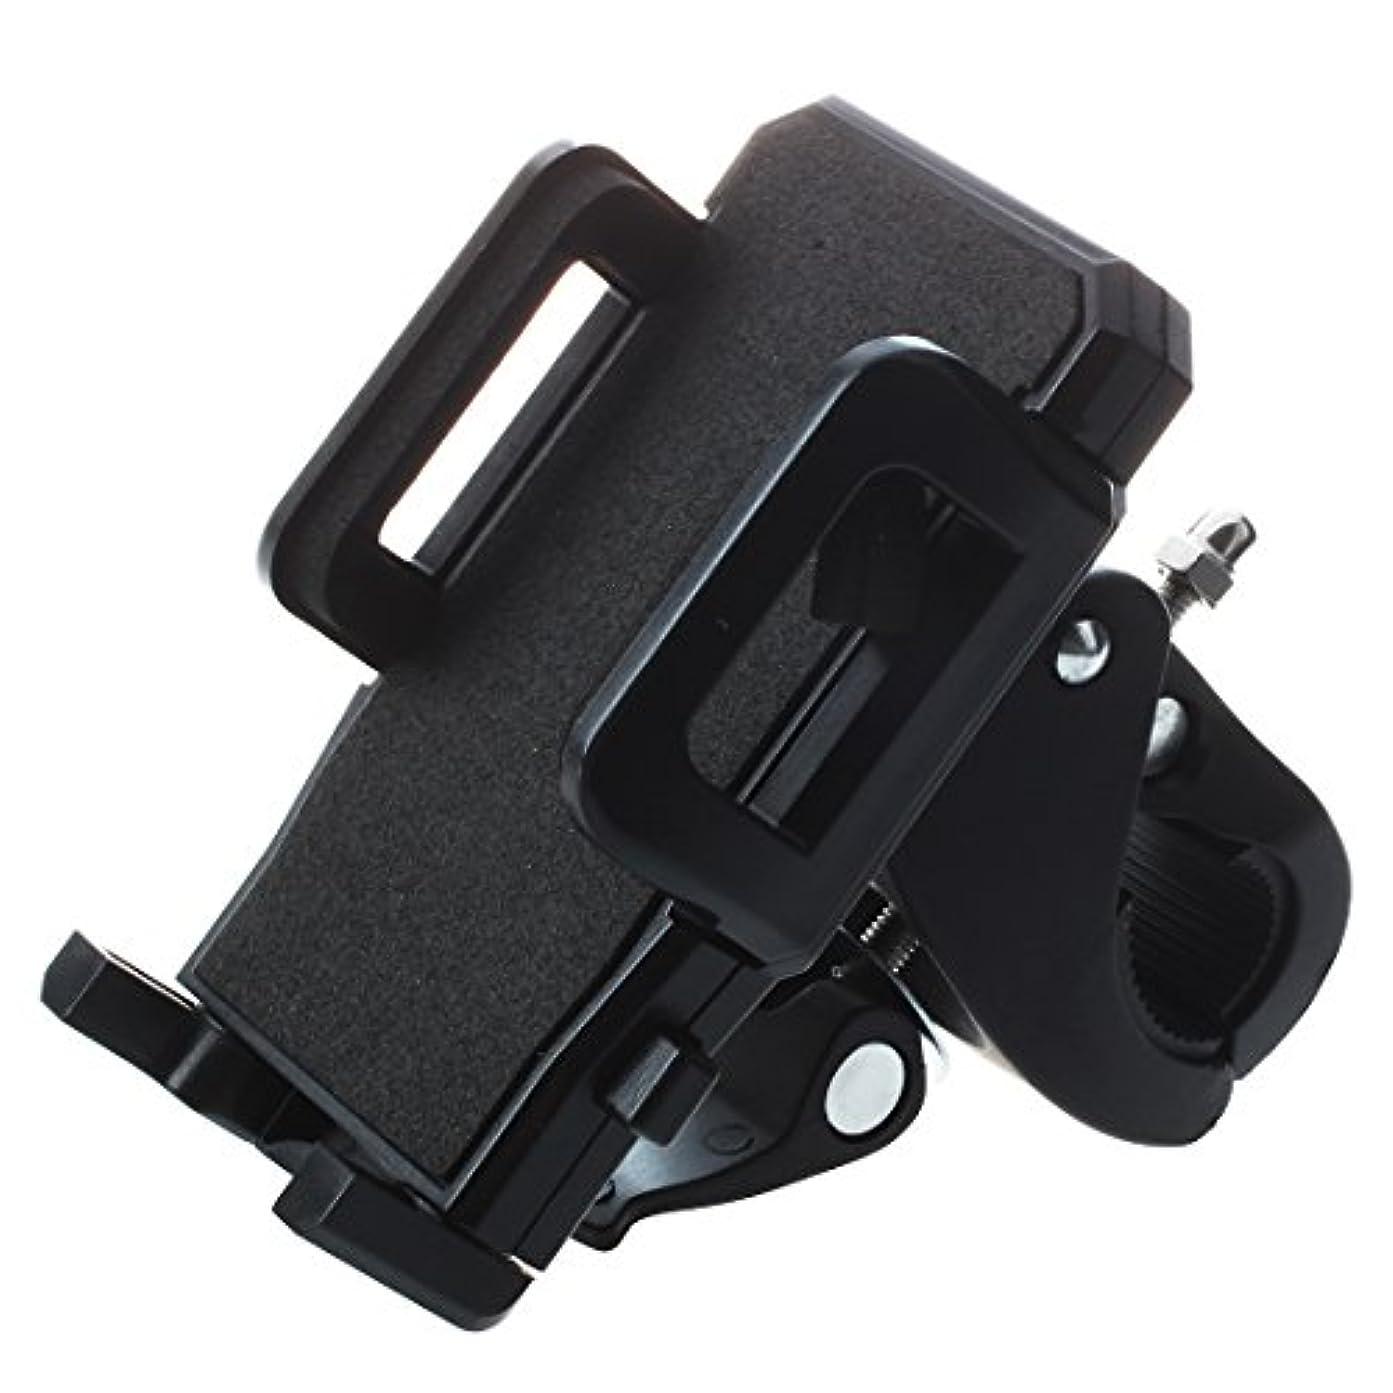 馬鹿無関心疫病SODIAL(R) 自転車ユニバーサル マウントブラケット ハンドルバー 携帯電話GPS MP3に適用 ブラック